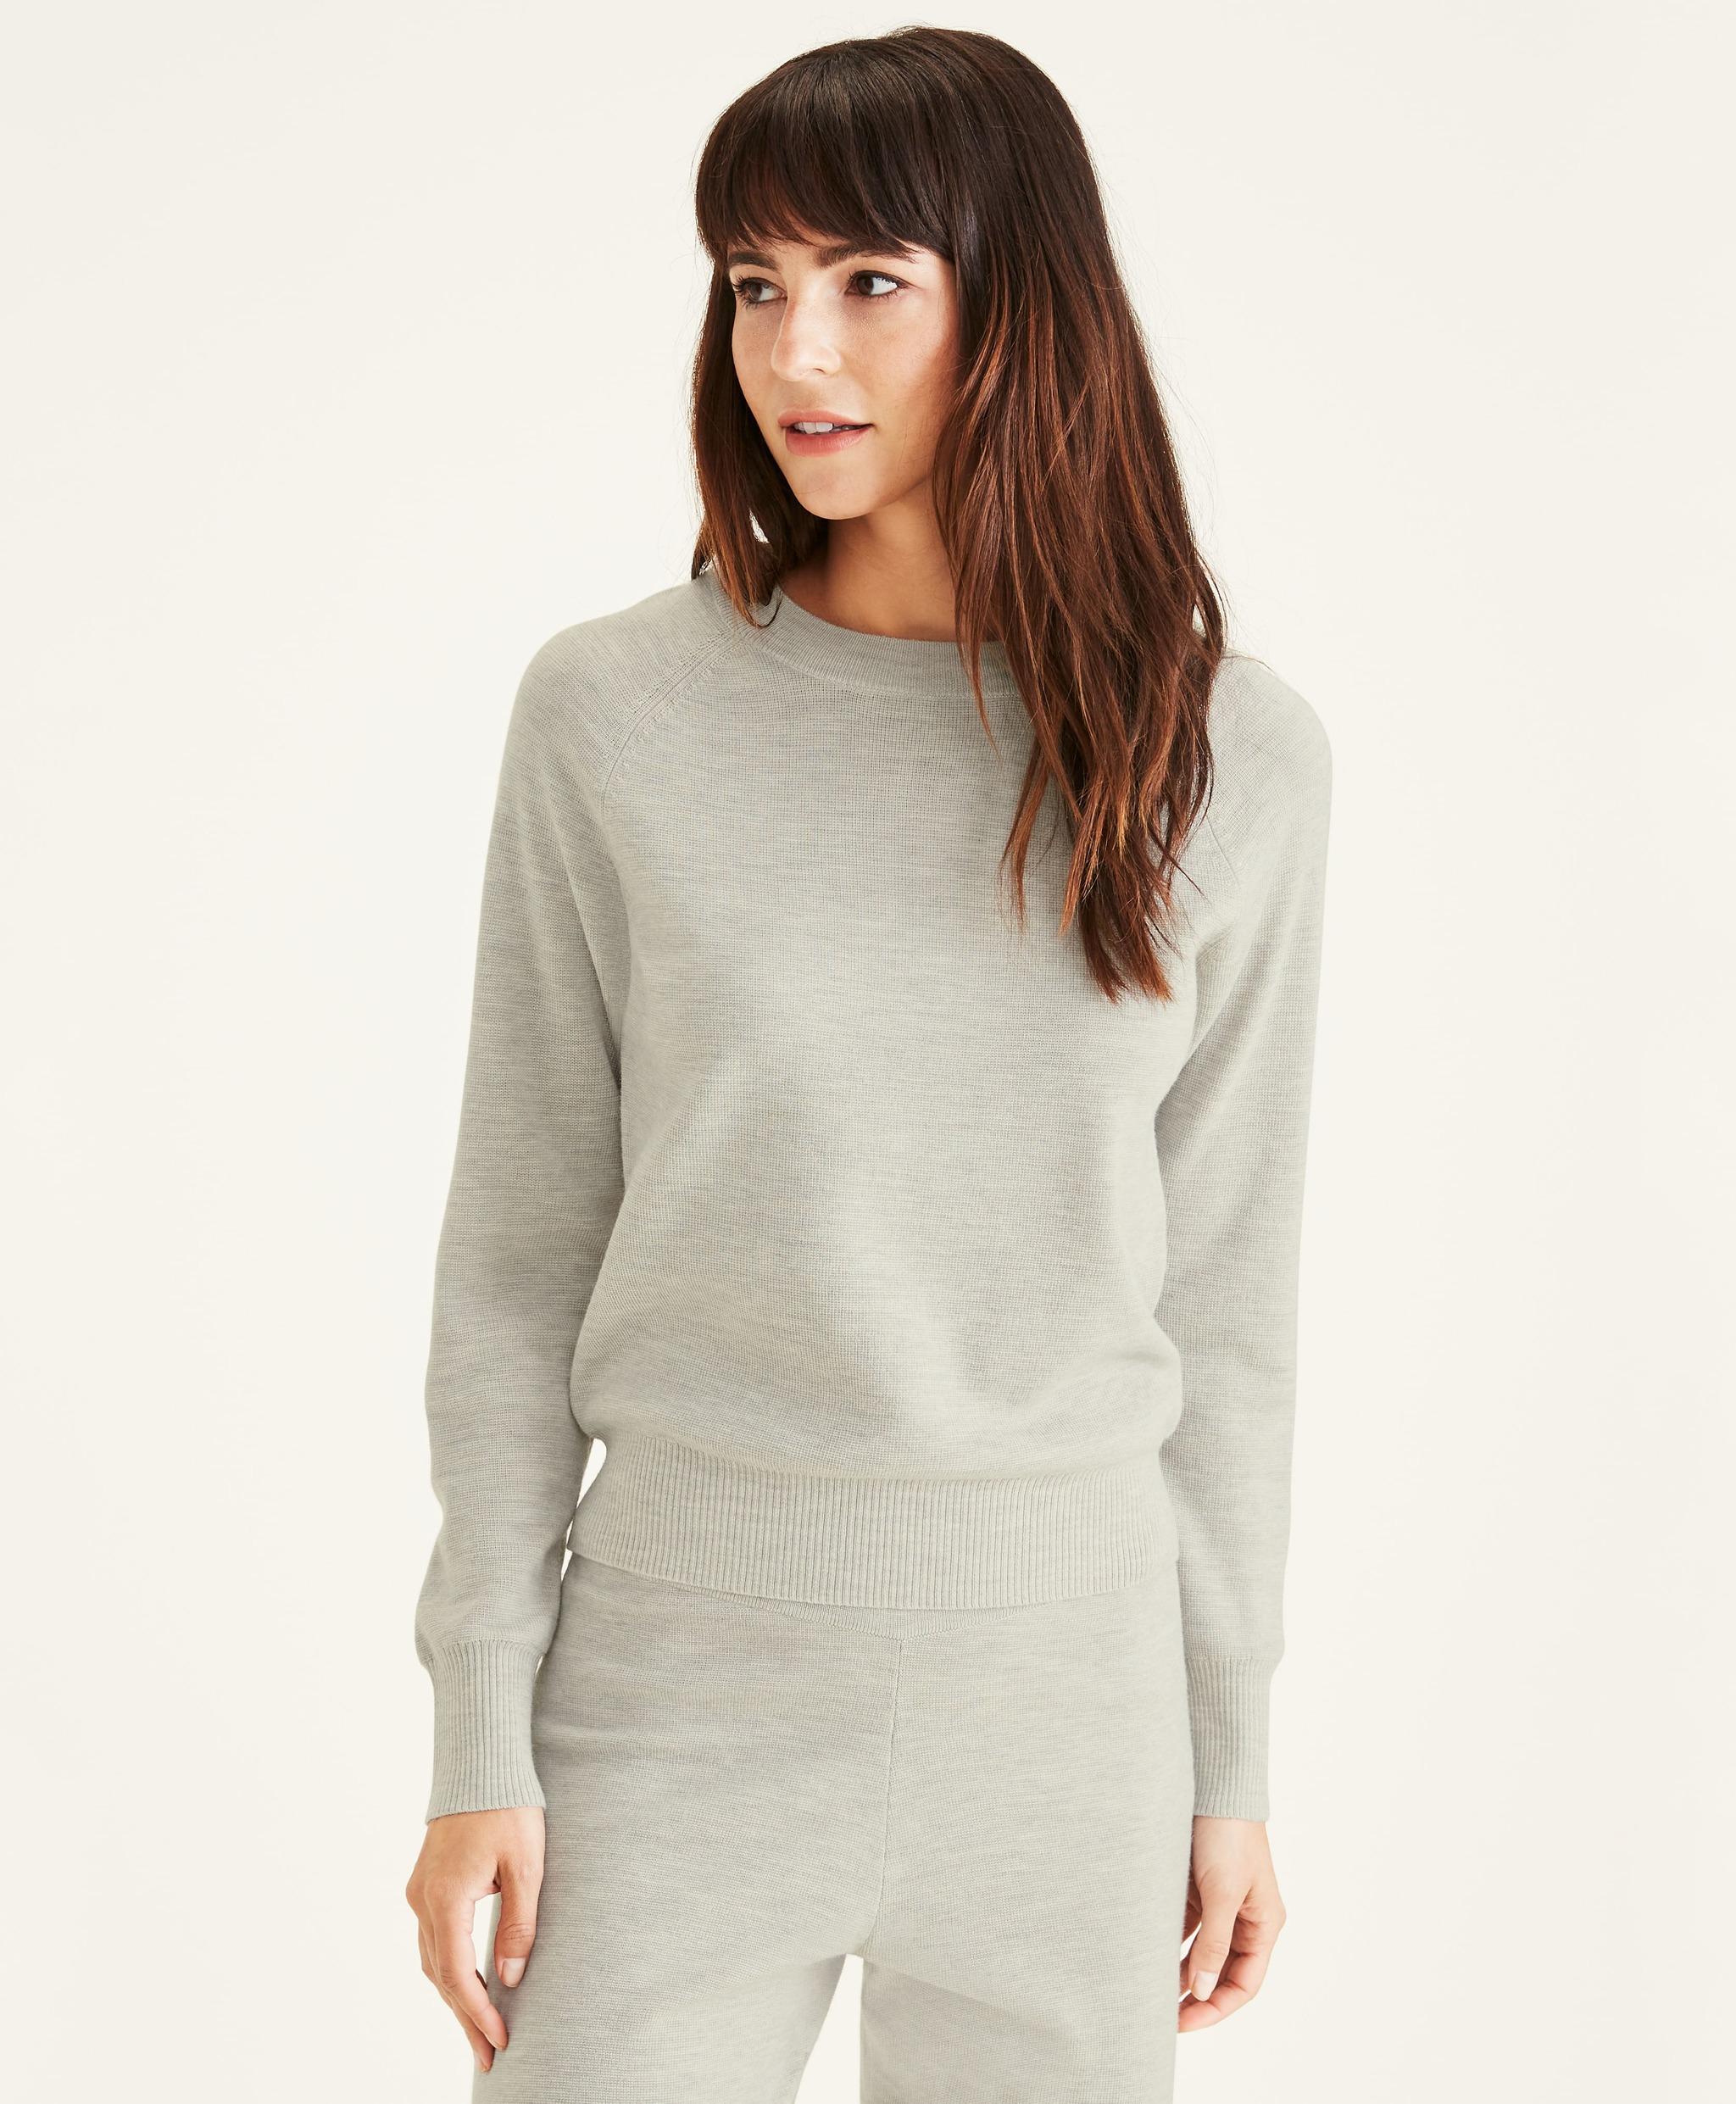 La sudadera Crewneck Sweater (80 euros)